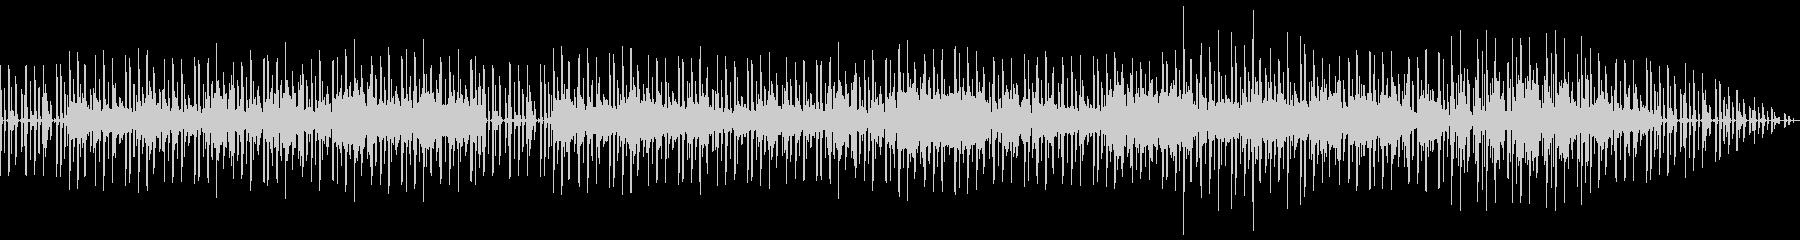 キーボードが印象的なちょっとかっこいい曲の未再生の波形